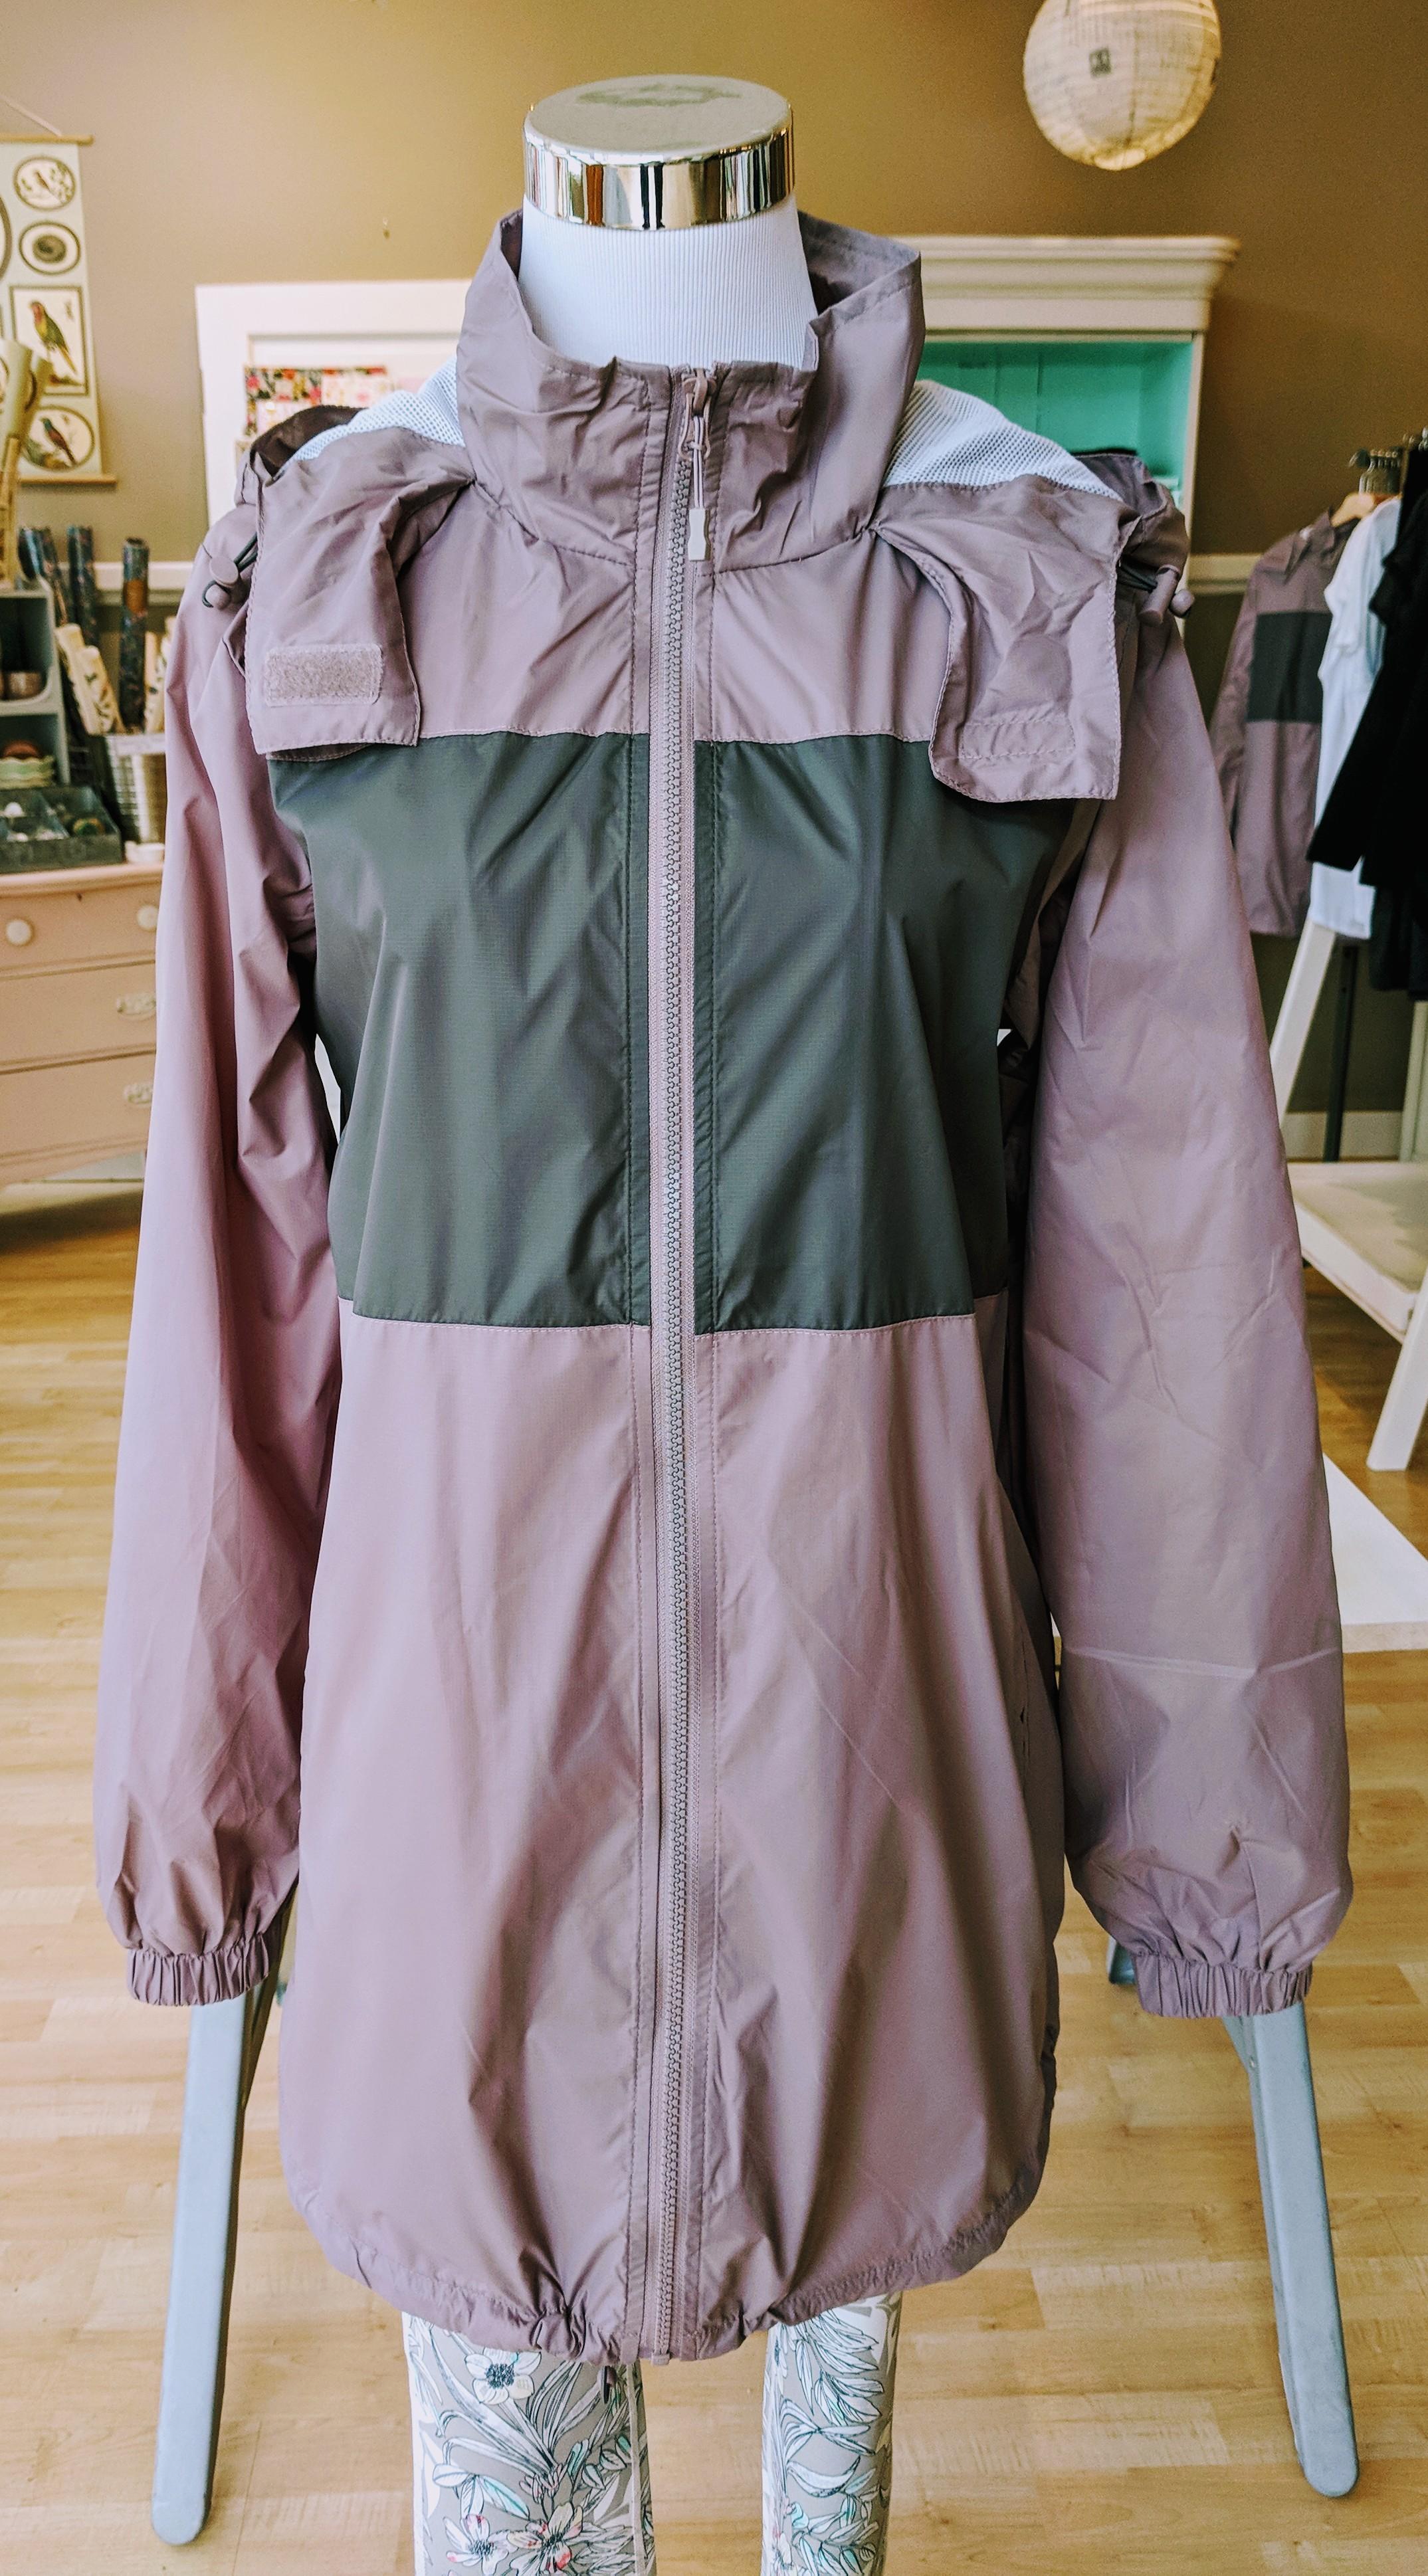 Violet casual hoodie jacket with adjustable drawstrings $54